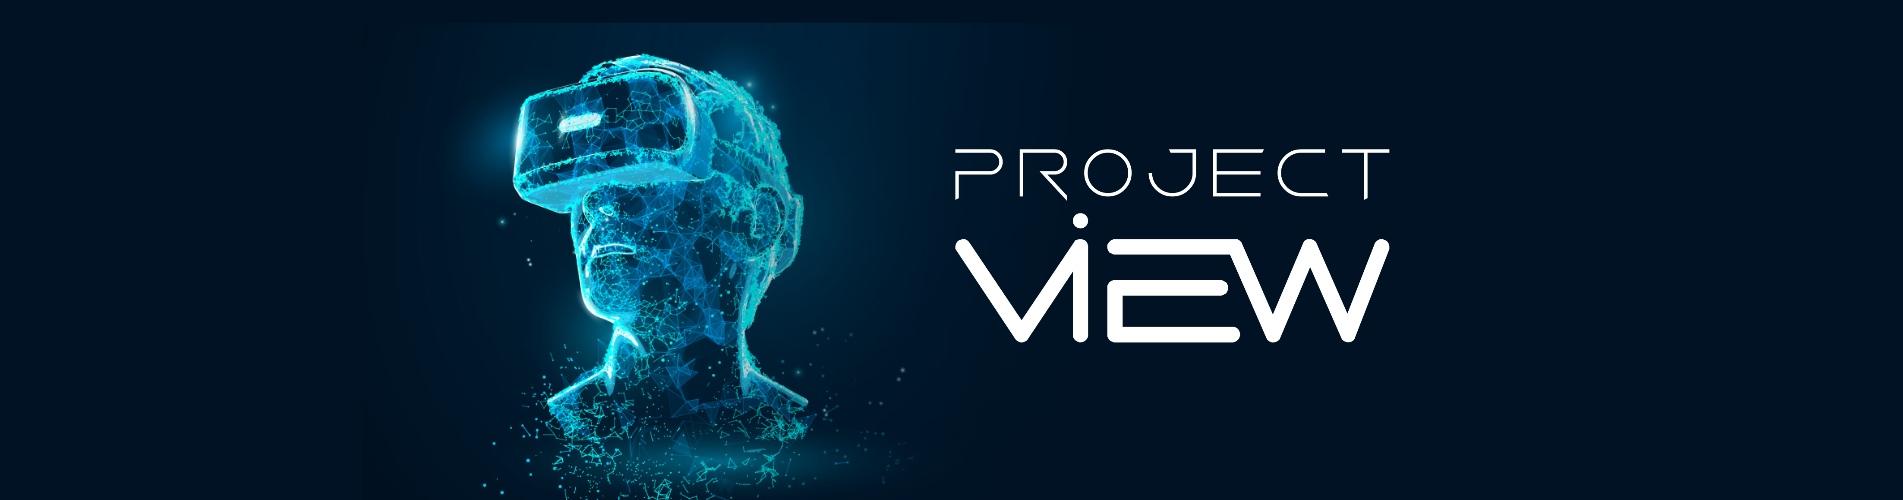 Réalité virtuelle ou réalité augmentée pour votre point de vente ? 1